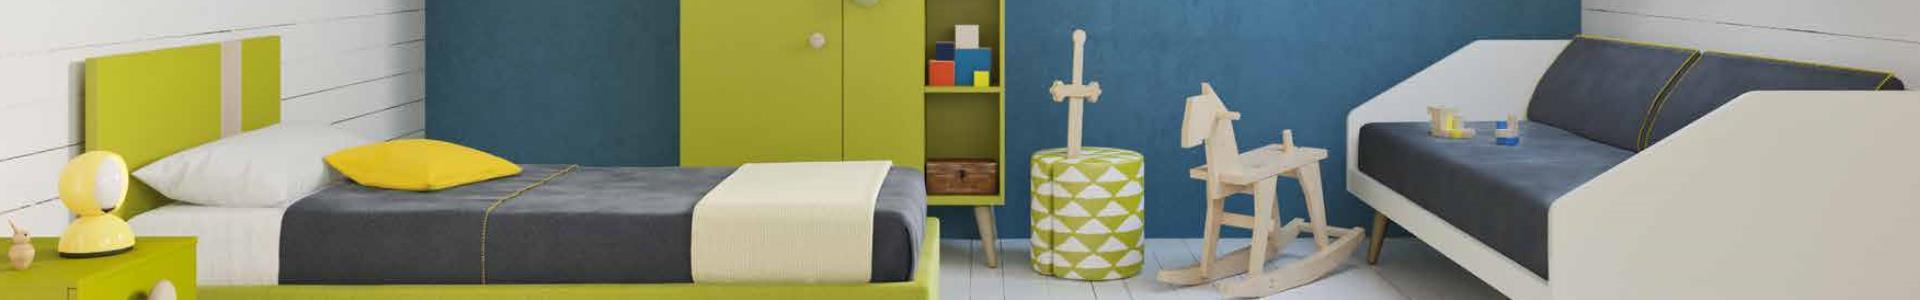 breadcrumb Juveniles Dormitorios - Muebles Gil Martín